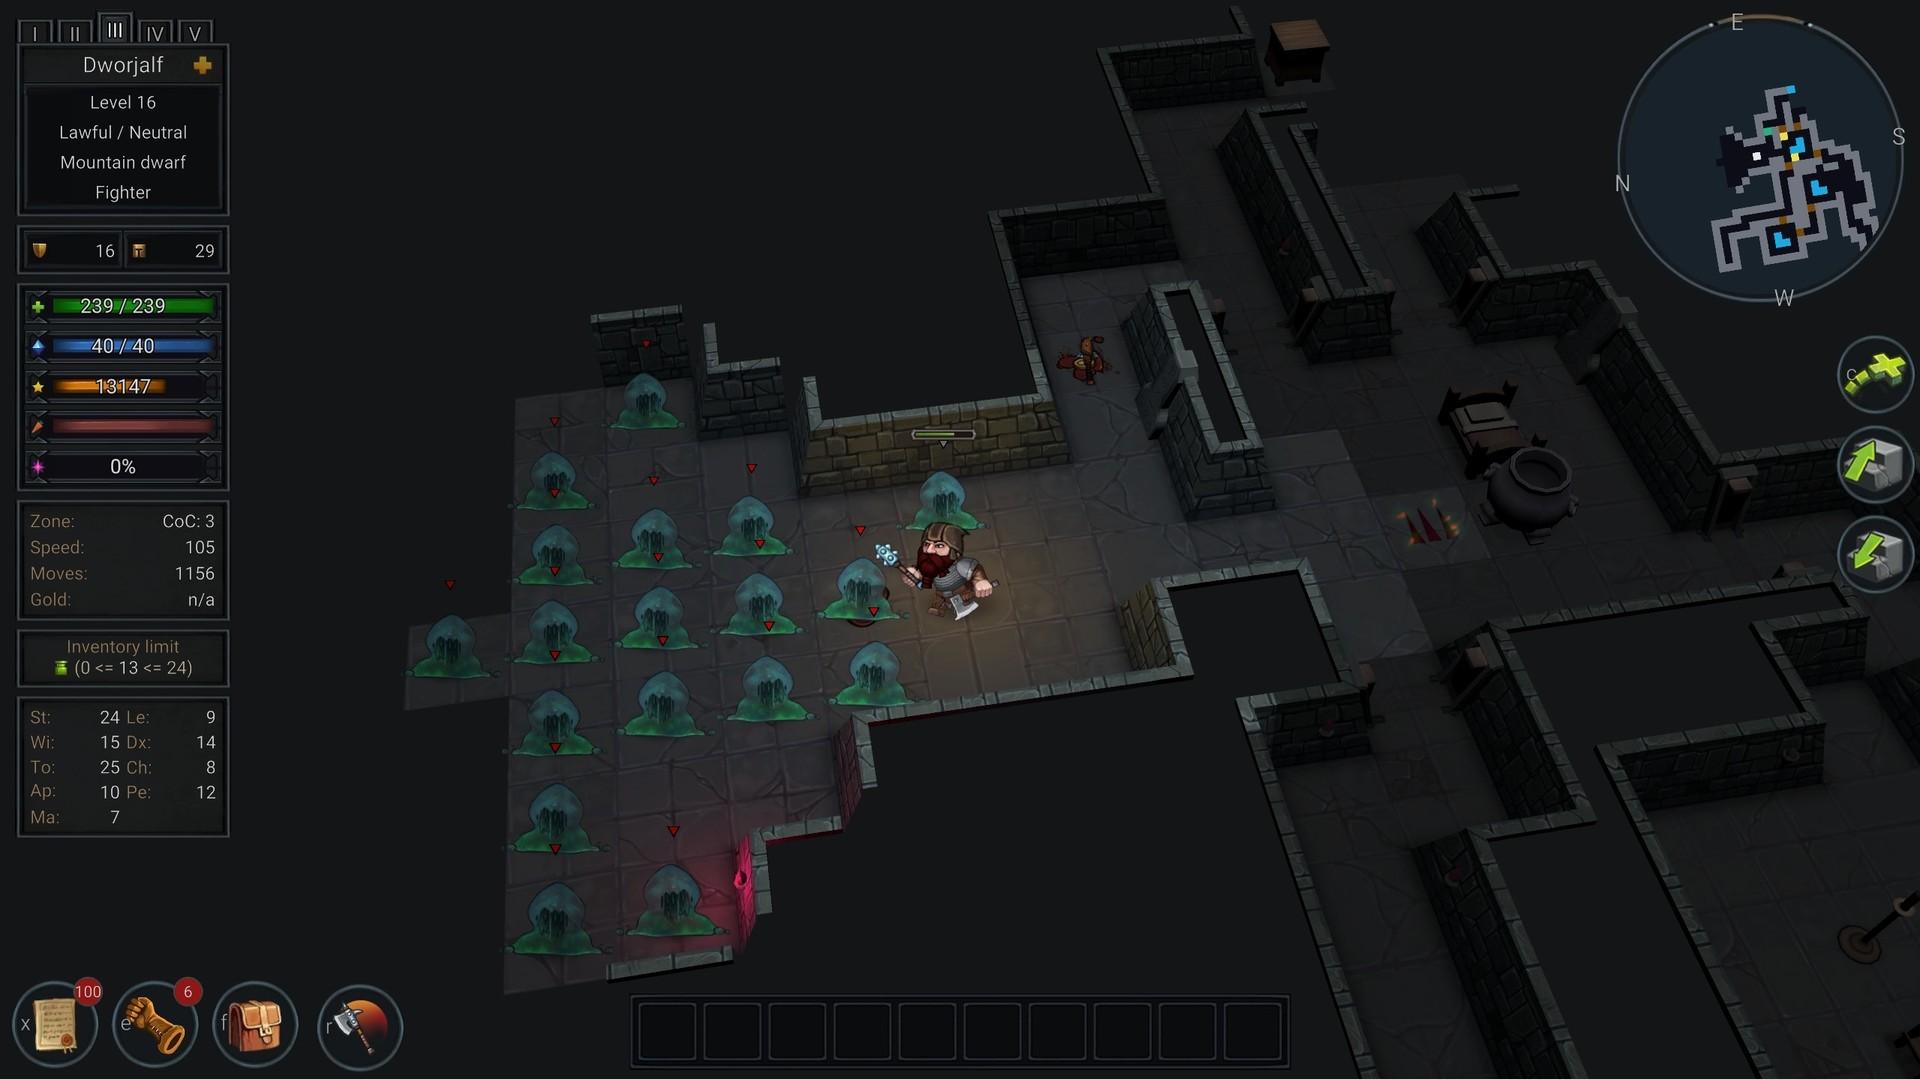 В раннем доступе вышел Ultimate ADOM — Caverns ofChaos. Это продолжение знаменитого «рогалика» 2